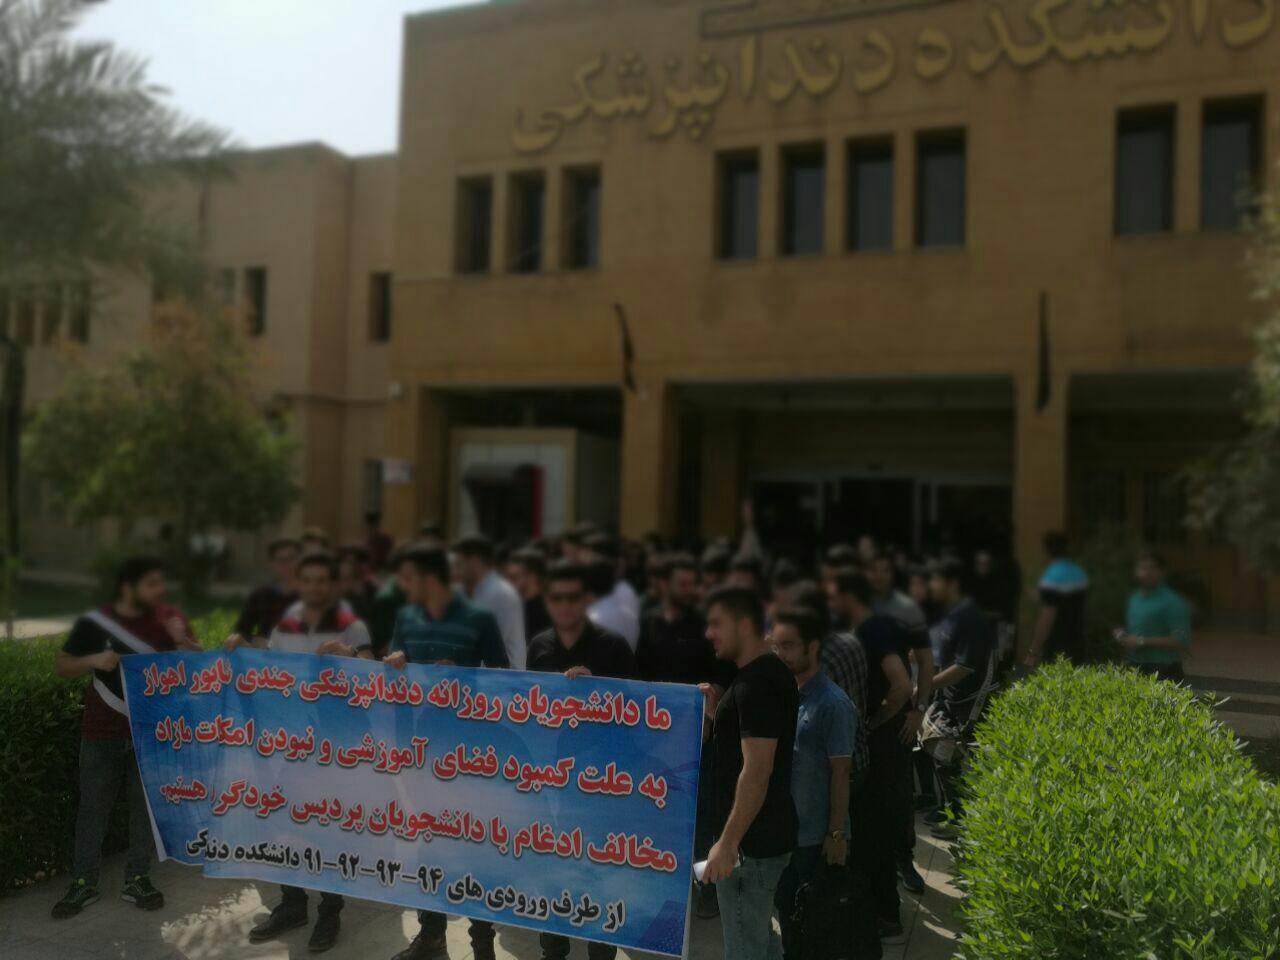 از استعفای رئیس دانشگاه تا دعوا بازی و تبعید اجباری/ دانشگاه جندی شاپور اهواز این روزها با دانشجویانش چه میکند؟